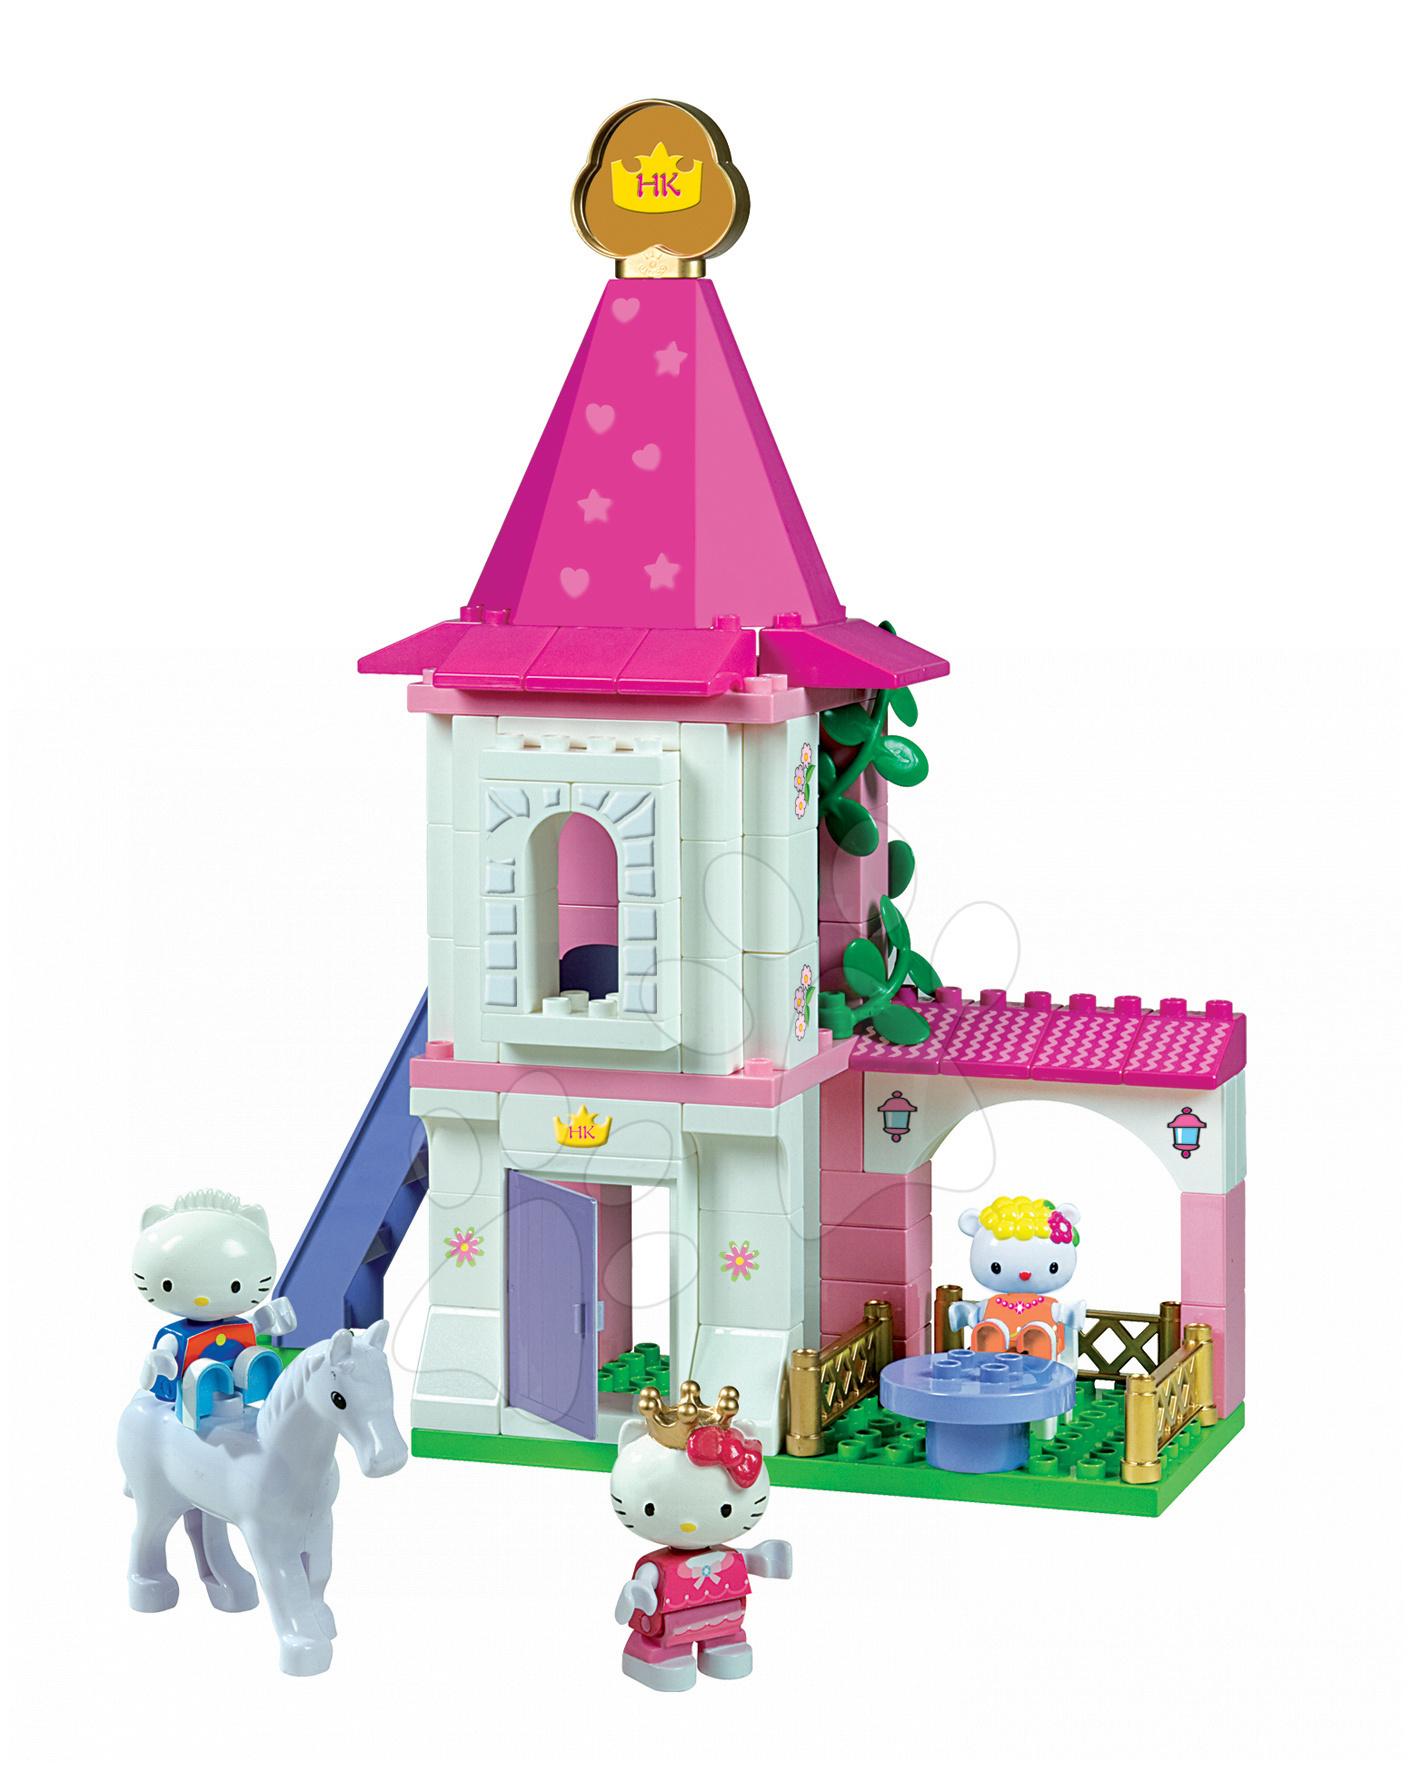 Stavebnice PlayBIG Hello Kitty na zámku BIG s 3d figurkami 80 kusů od 18 měsíců